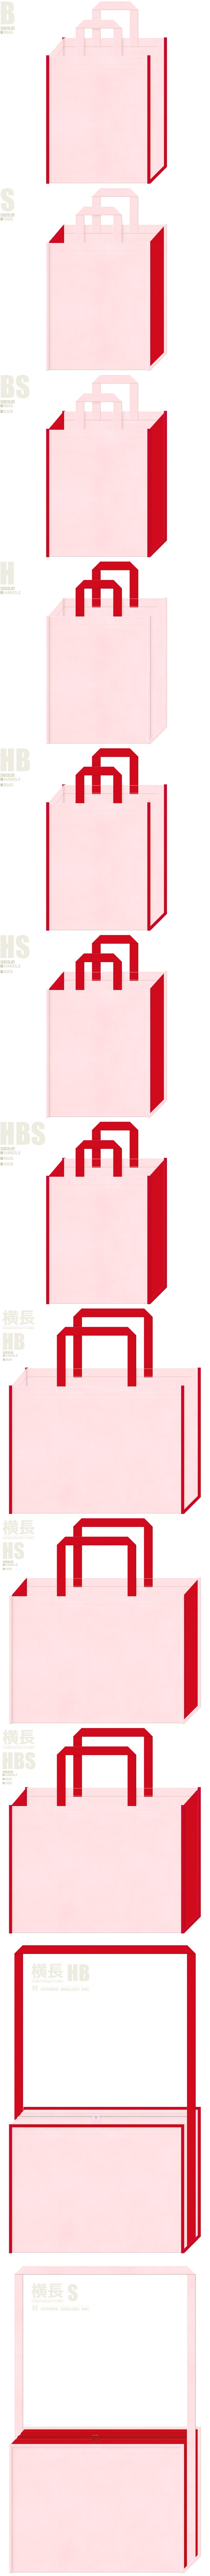 いちご大福・ケーキ・バレンタイン・ひな祭り・カーネーション・ハート・母の日・お正月・和風催事にお奨めの不織布バッグデザイン:桜色と紅色の配色7パターン。